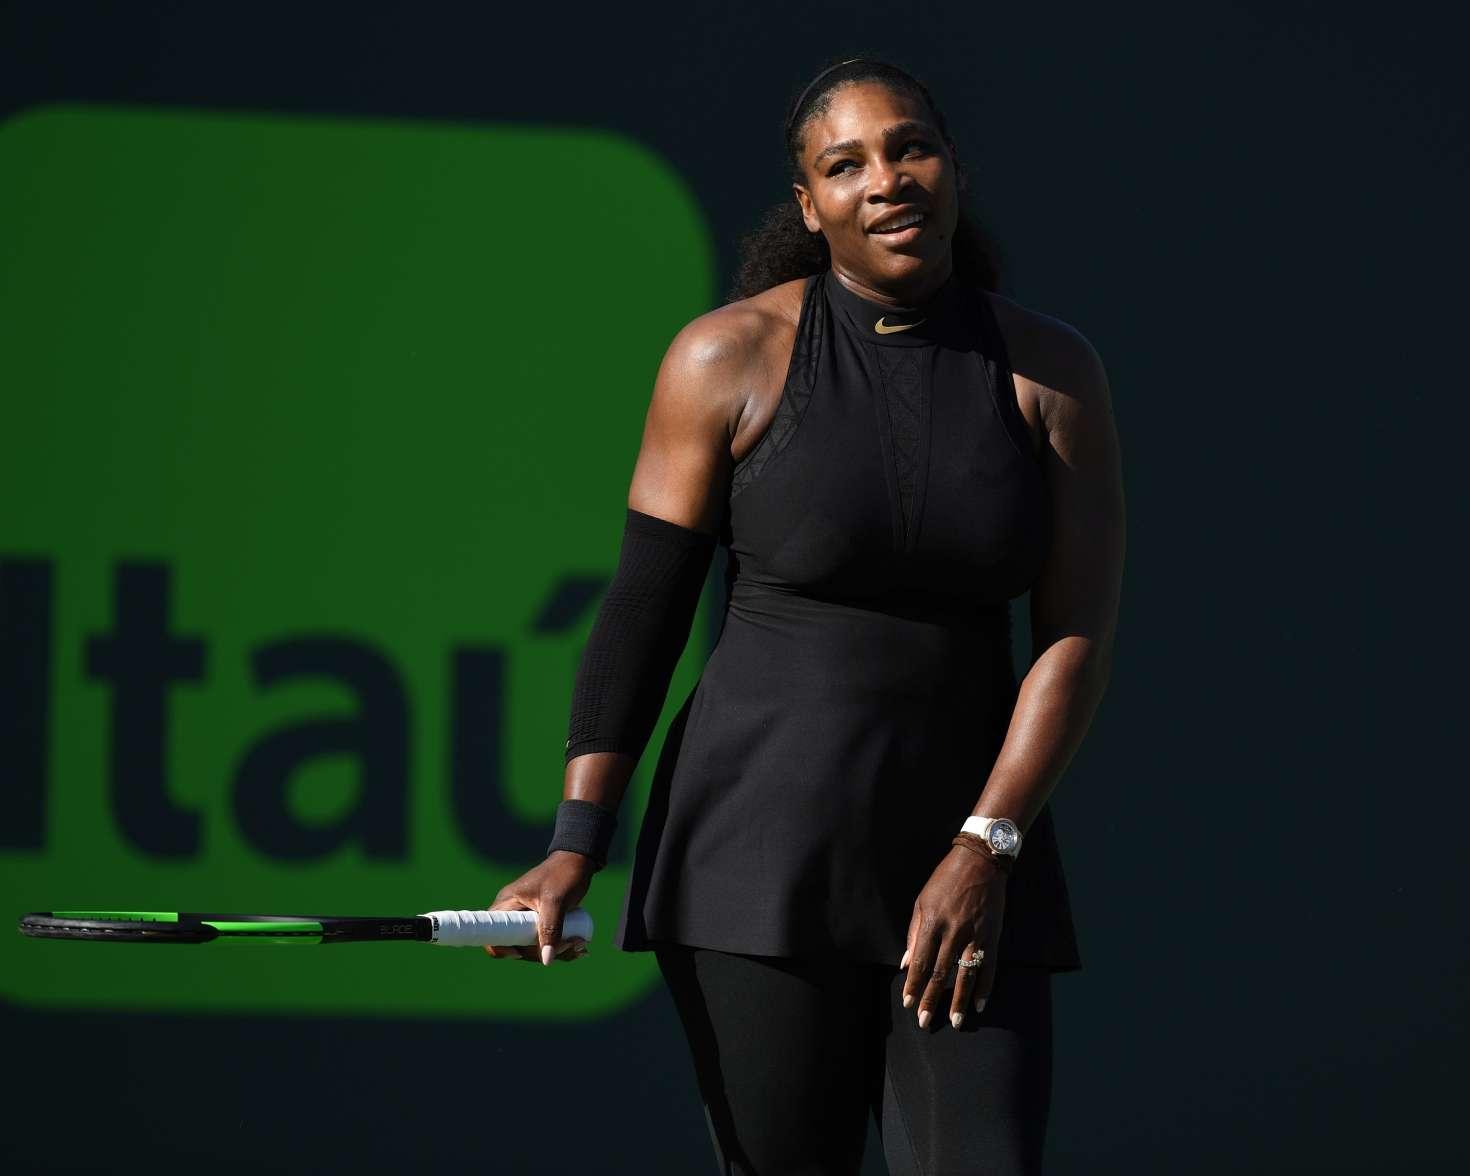 Serena Williams 2018 : Serena Williams: 2018 Miami Open -11